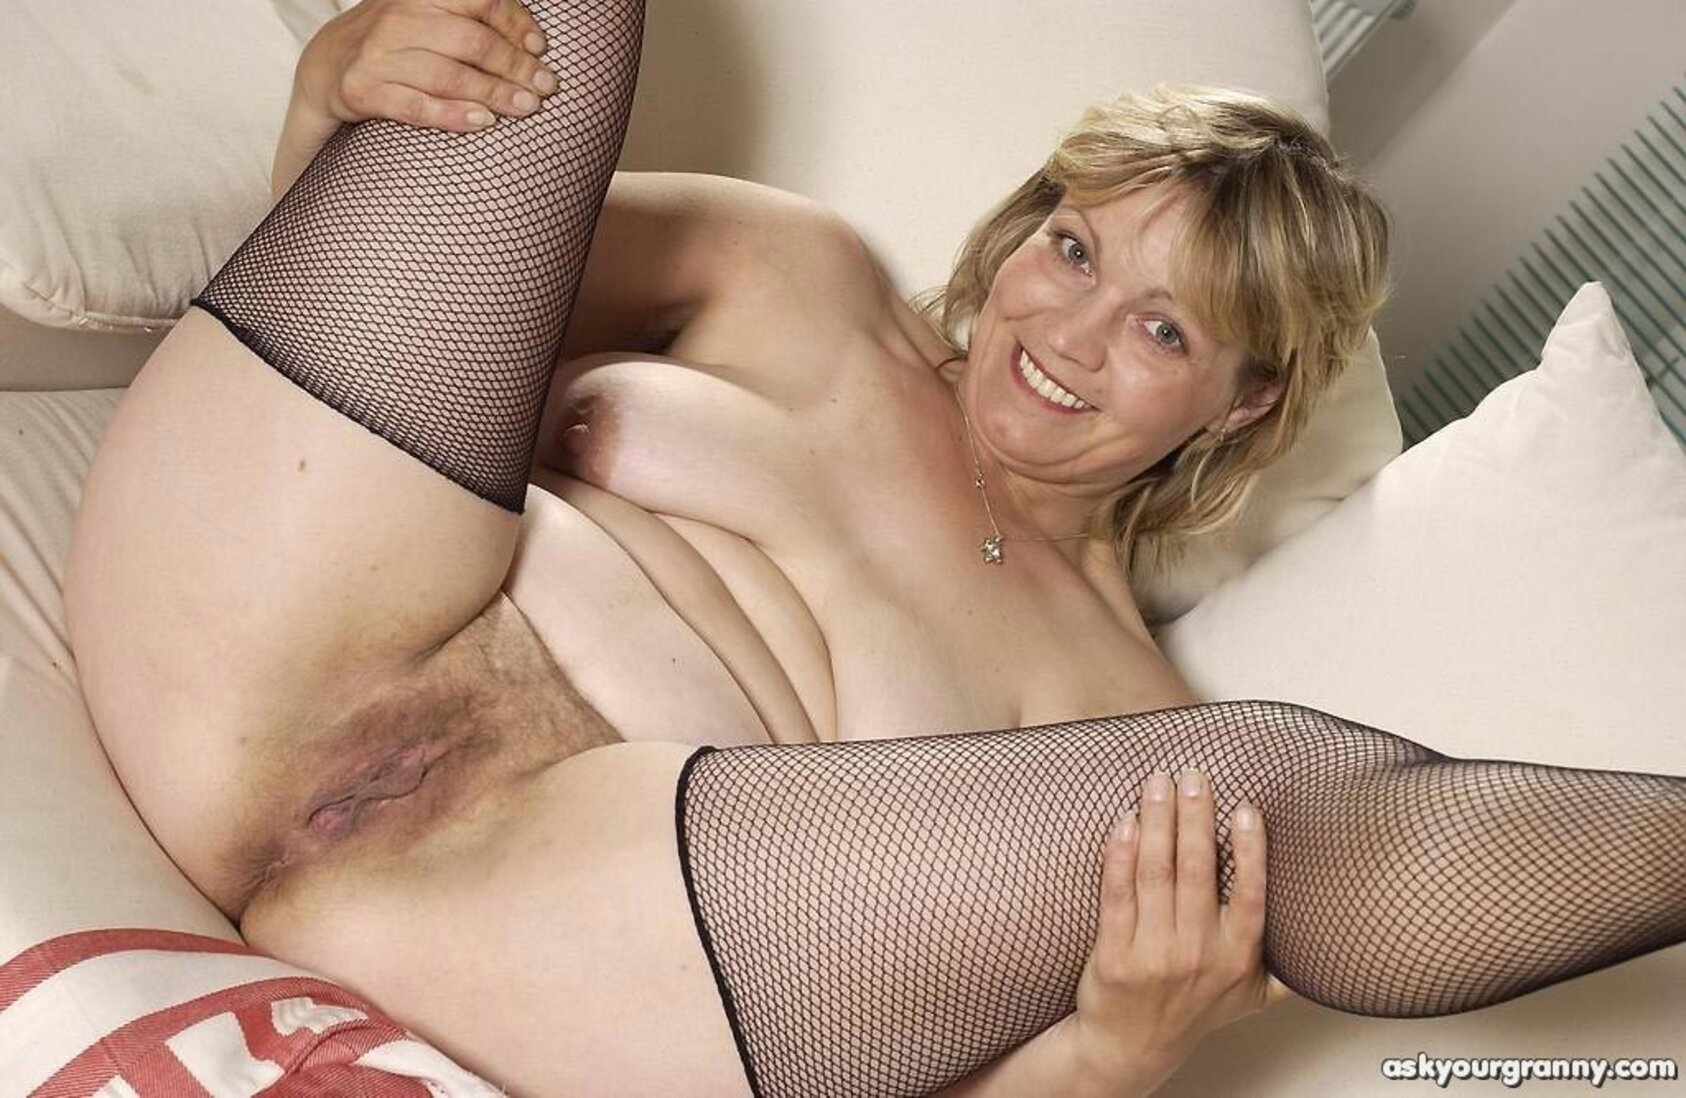 Тетки за 40 лежит на кровати задрав и раздвинув ноги в черных сетчатых чулках.